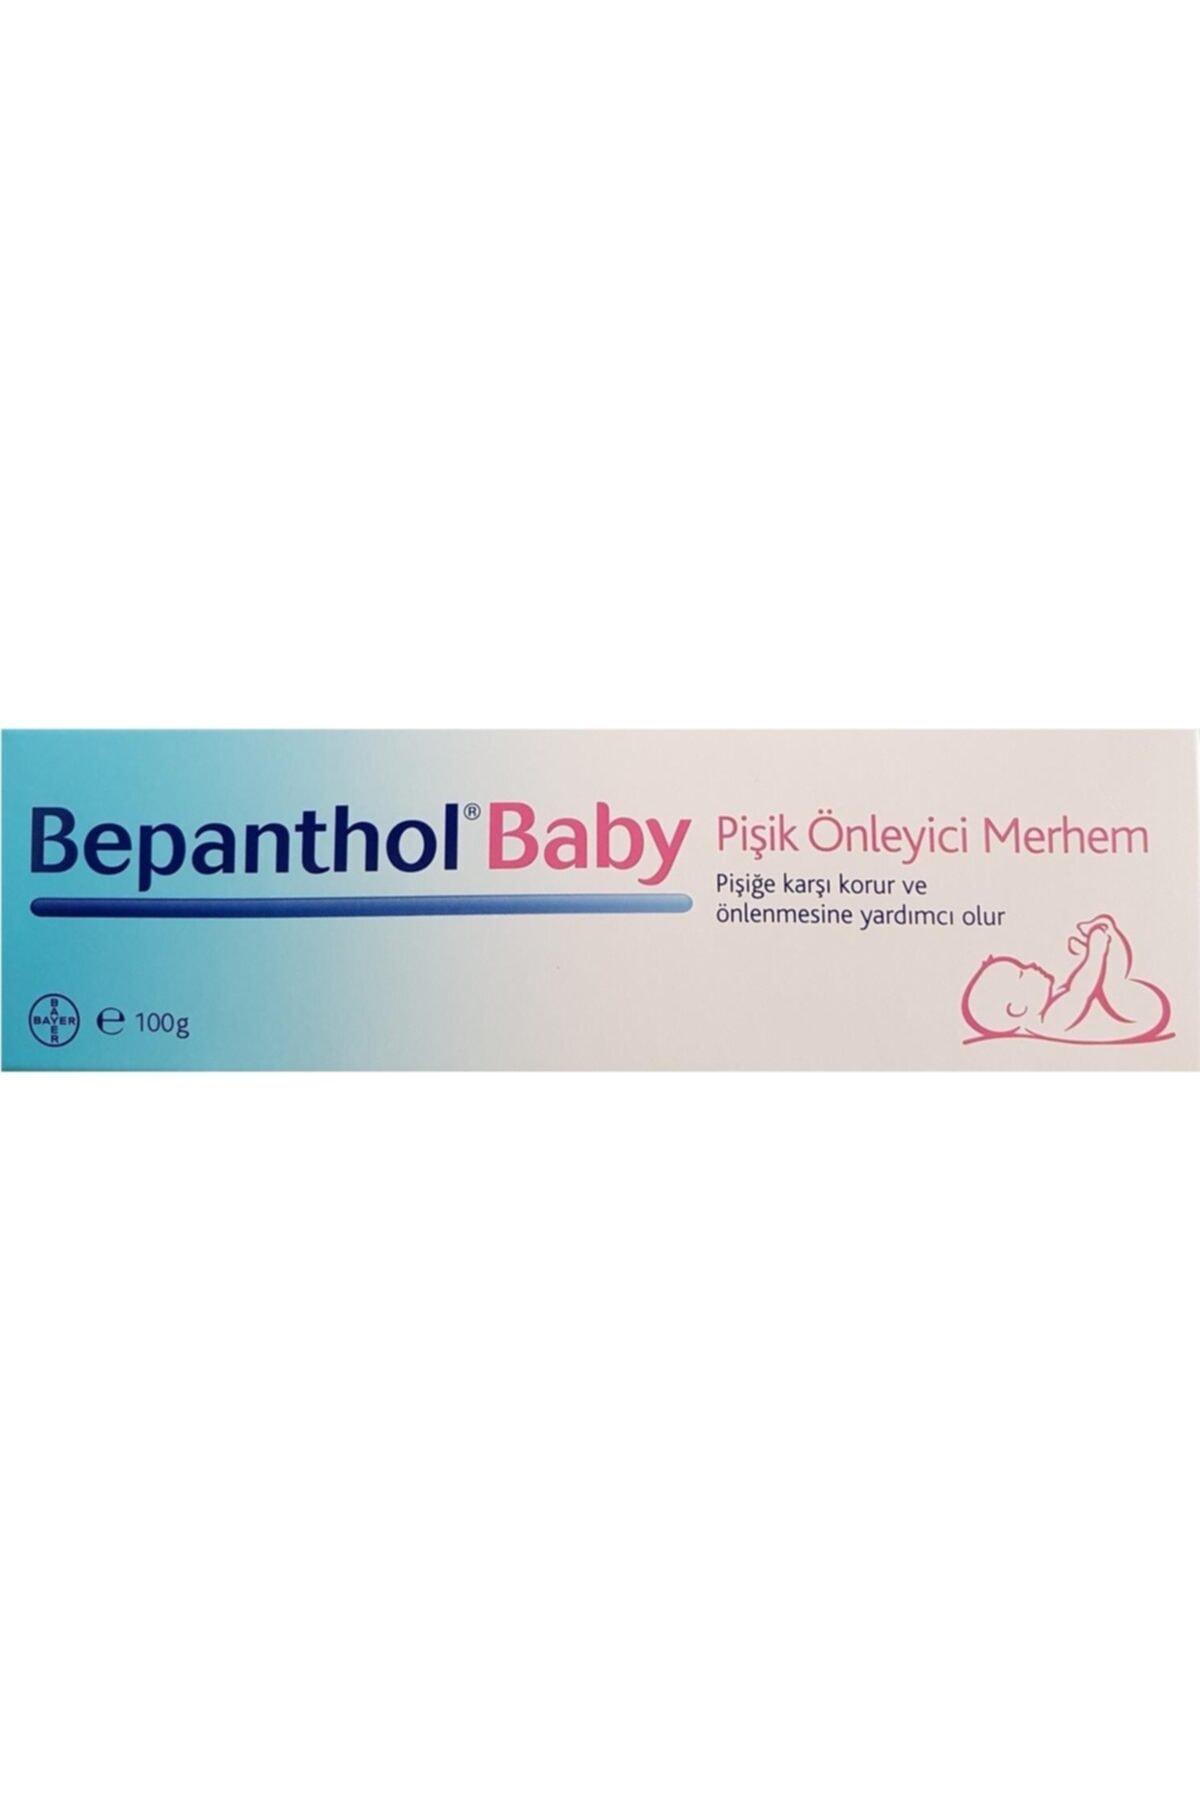 Bepanthol Baby Pişik Önleyici Merhem 100 Gr-4 Adet Skt:06/2021 2